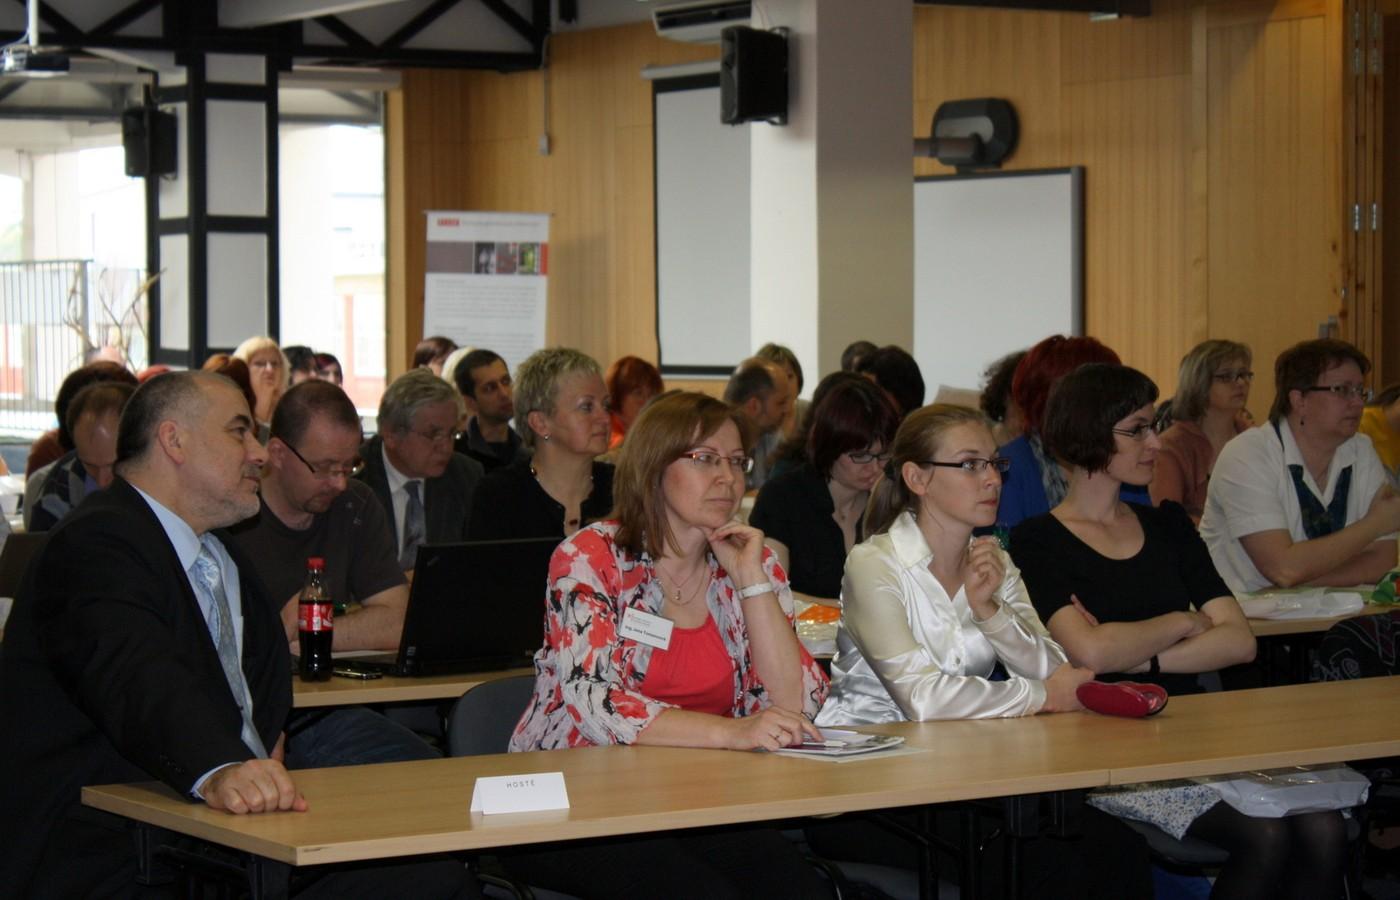 Dvoudenního semináře se zúčastnila zhruba stovka odborníků